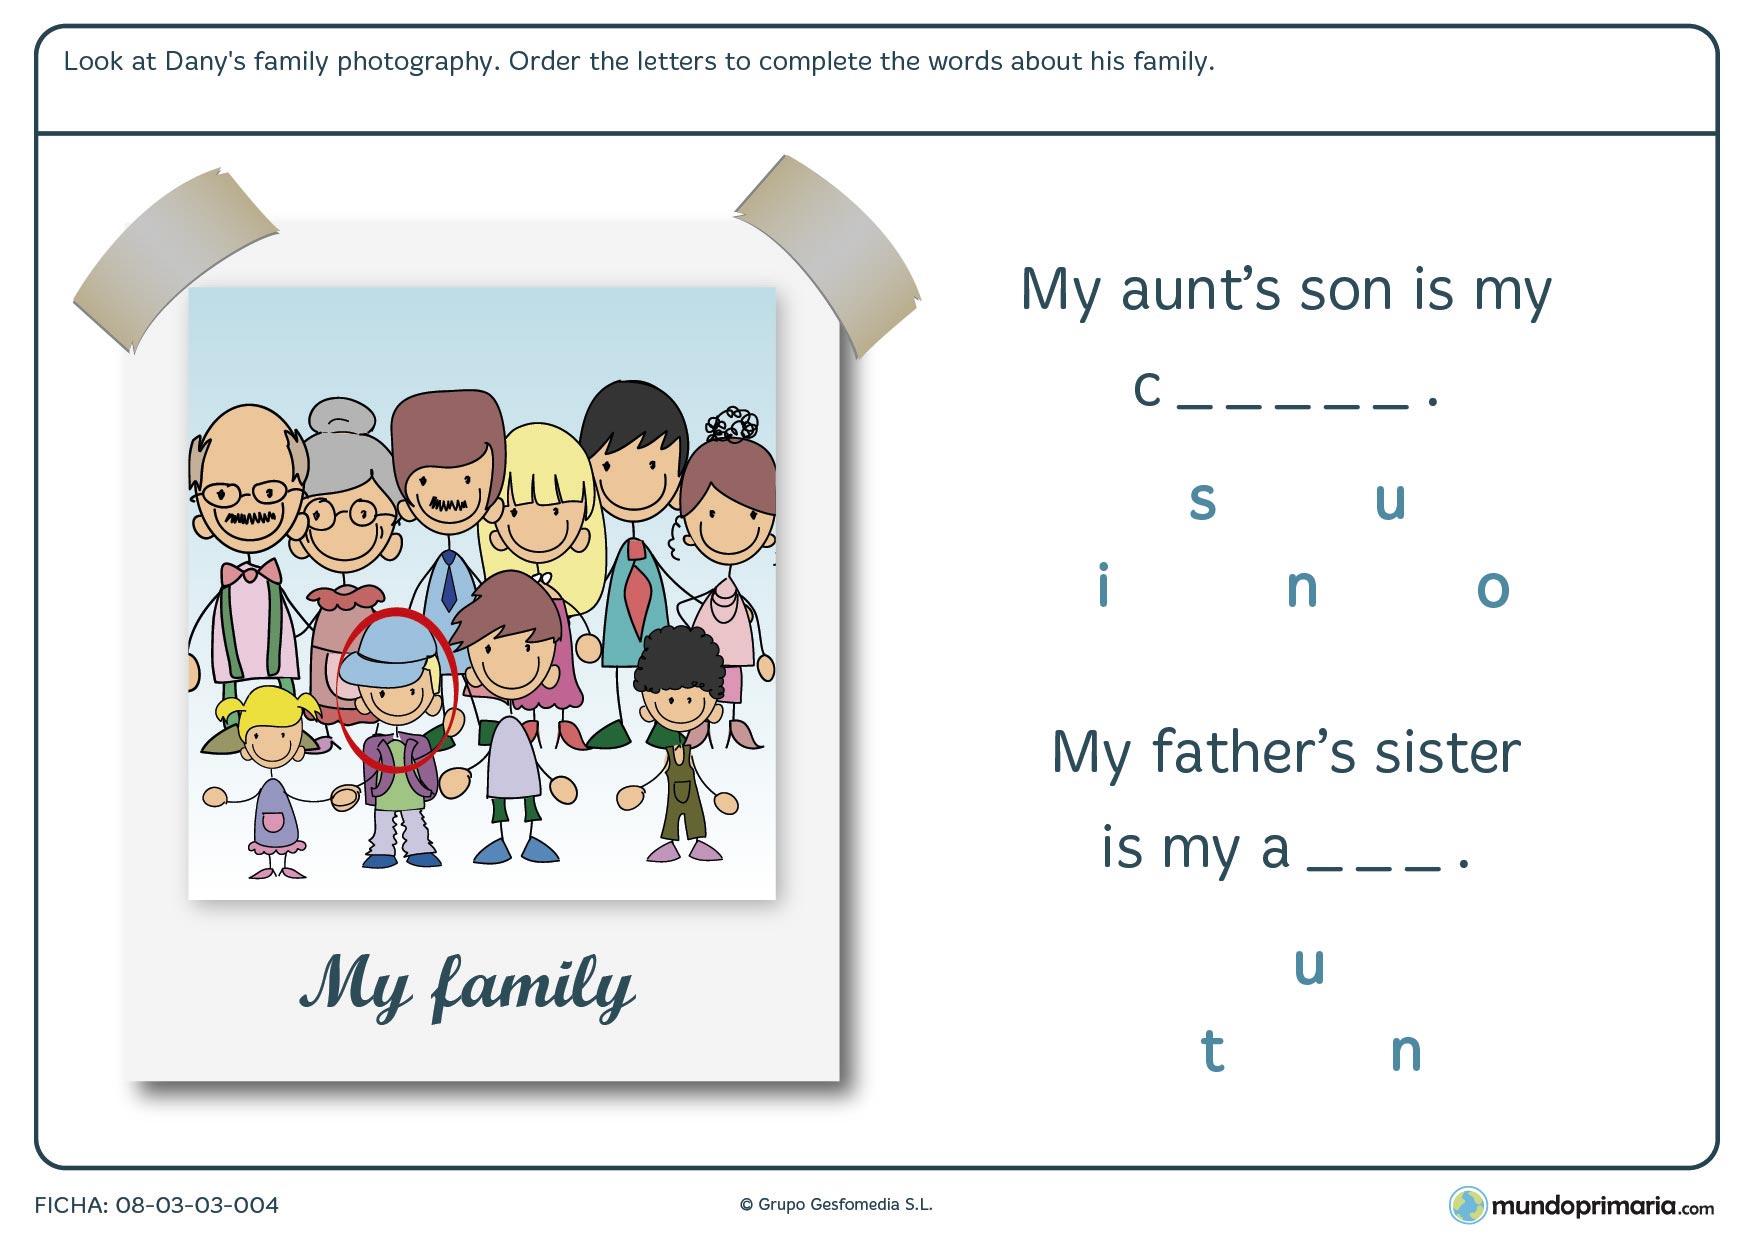 Lámina de relacionar personas de la familia ordenando las letras